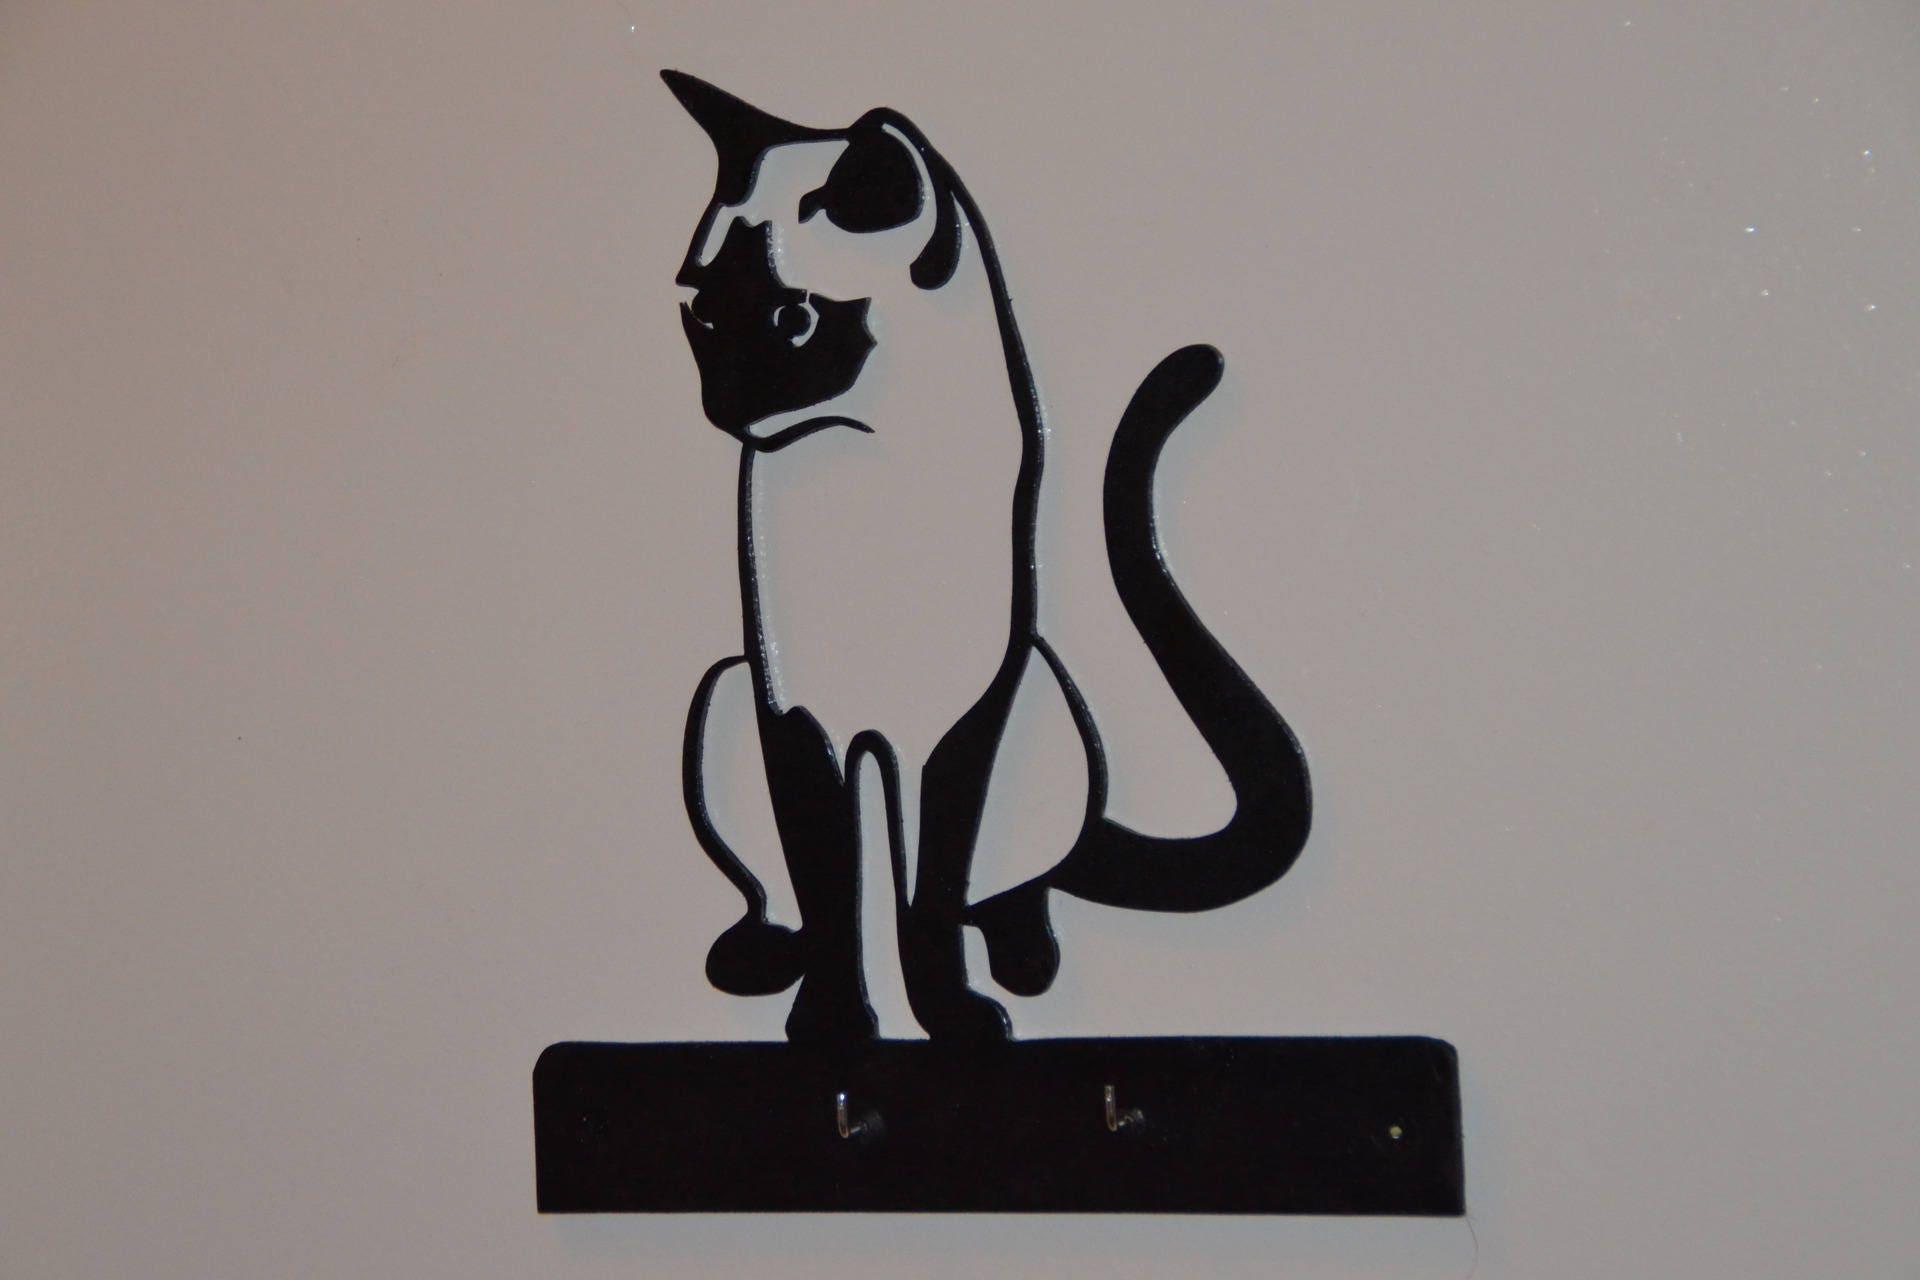 Porte cl s mural en bois peint mod le le chat for Accroche cle mural design